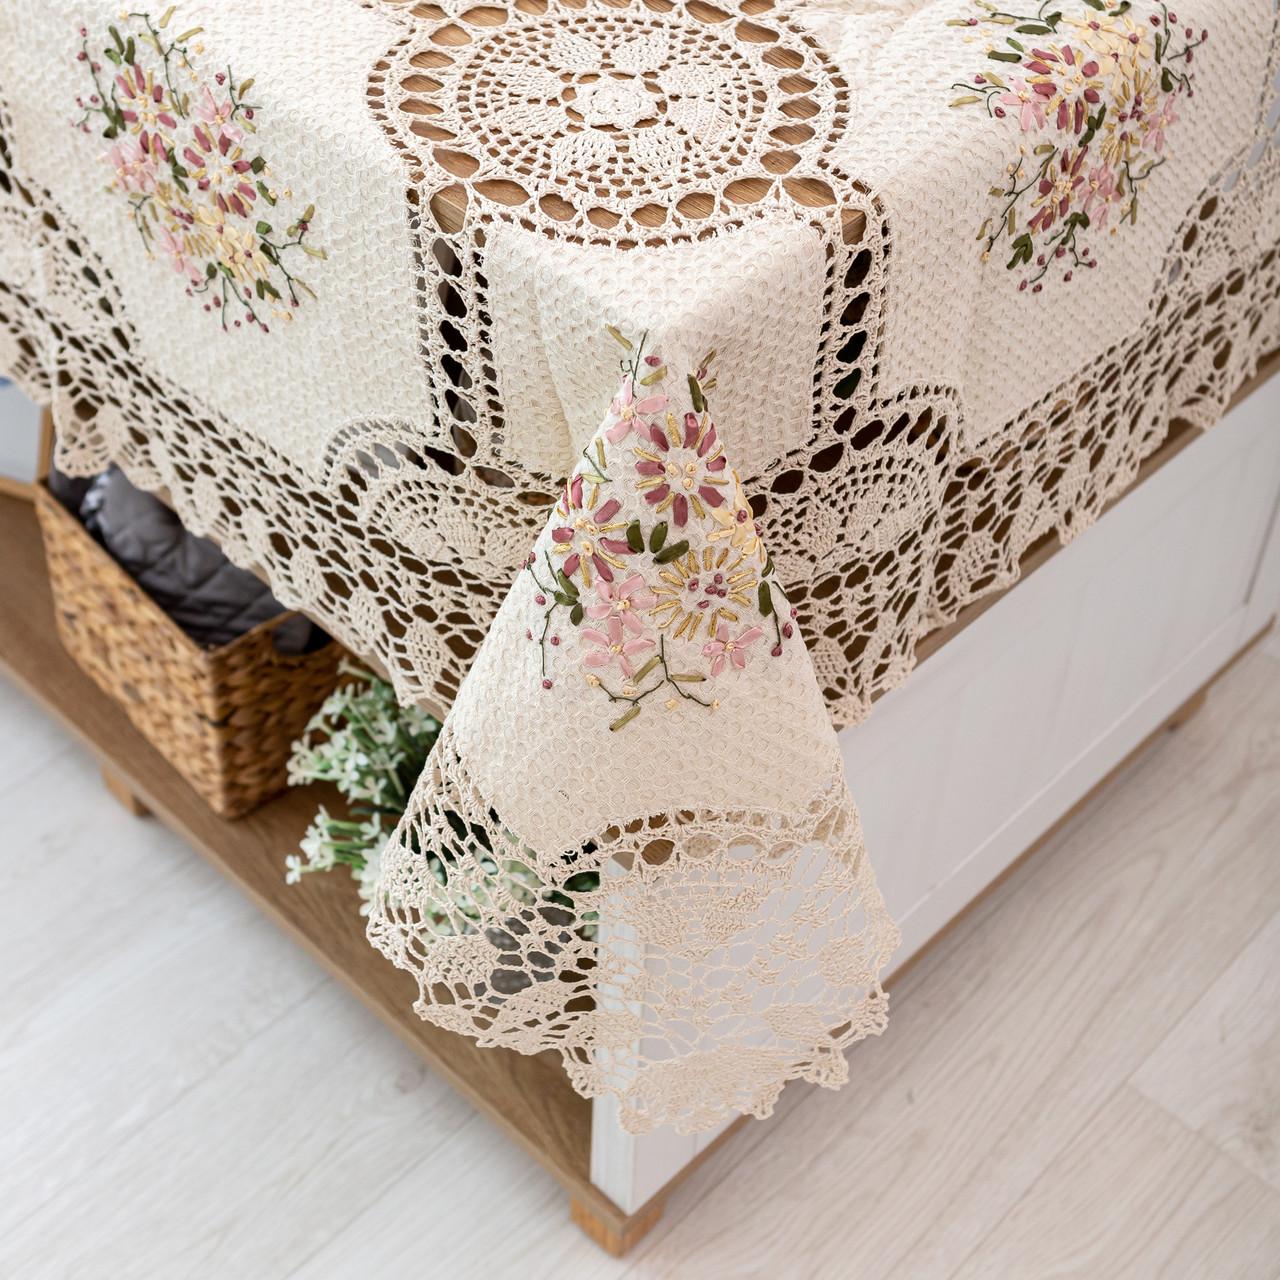 Праздничная скатерть с цветами 100х150